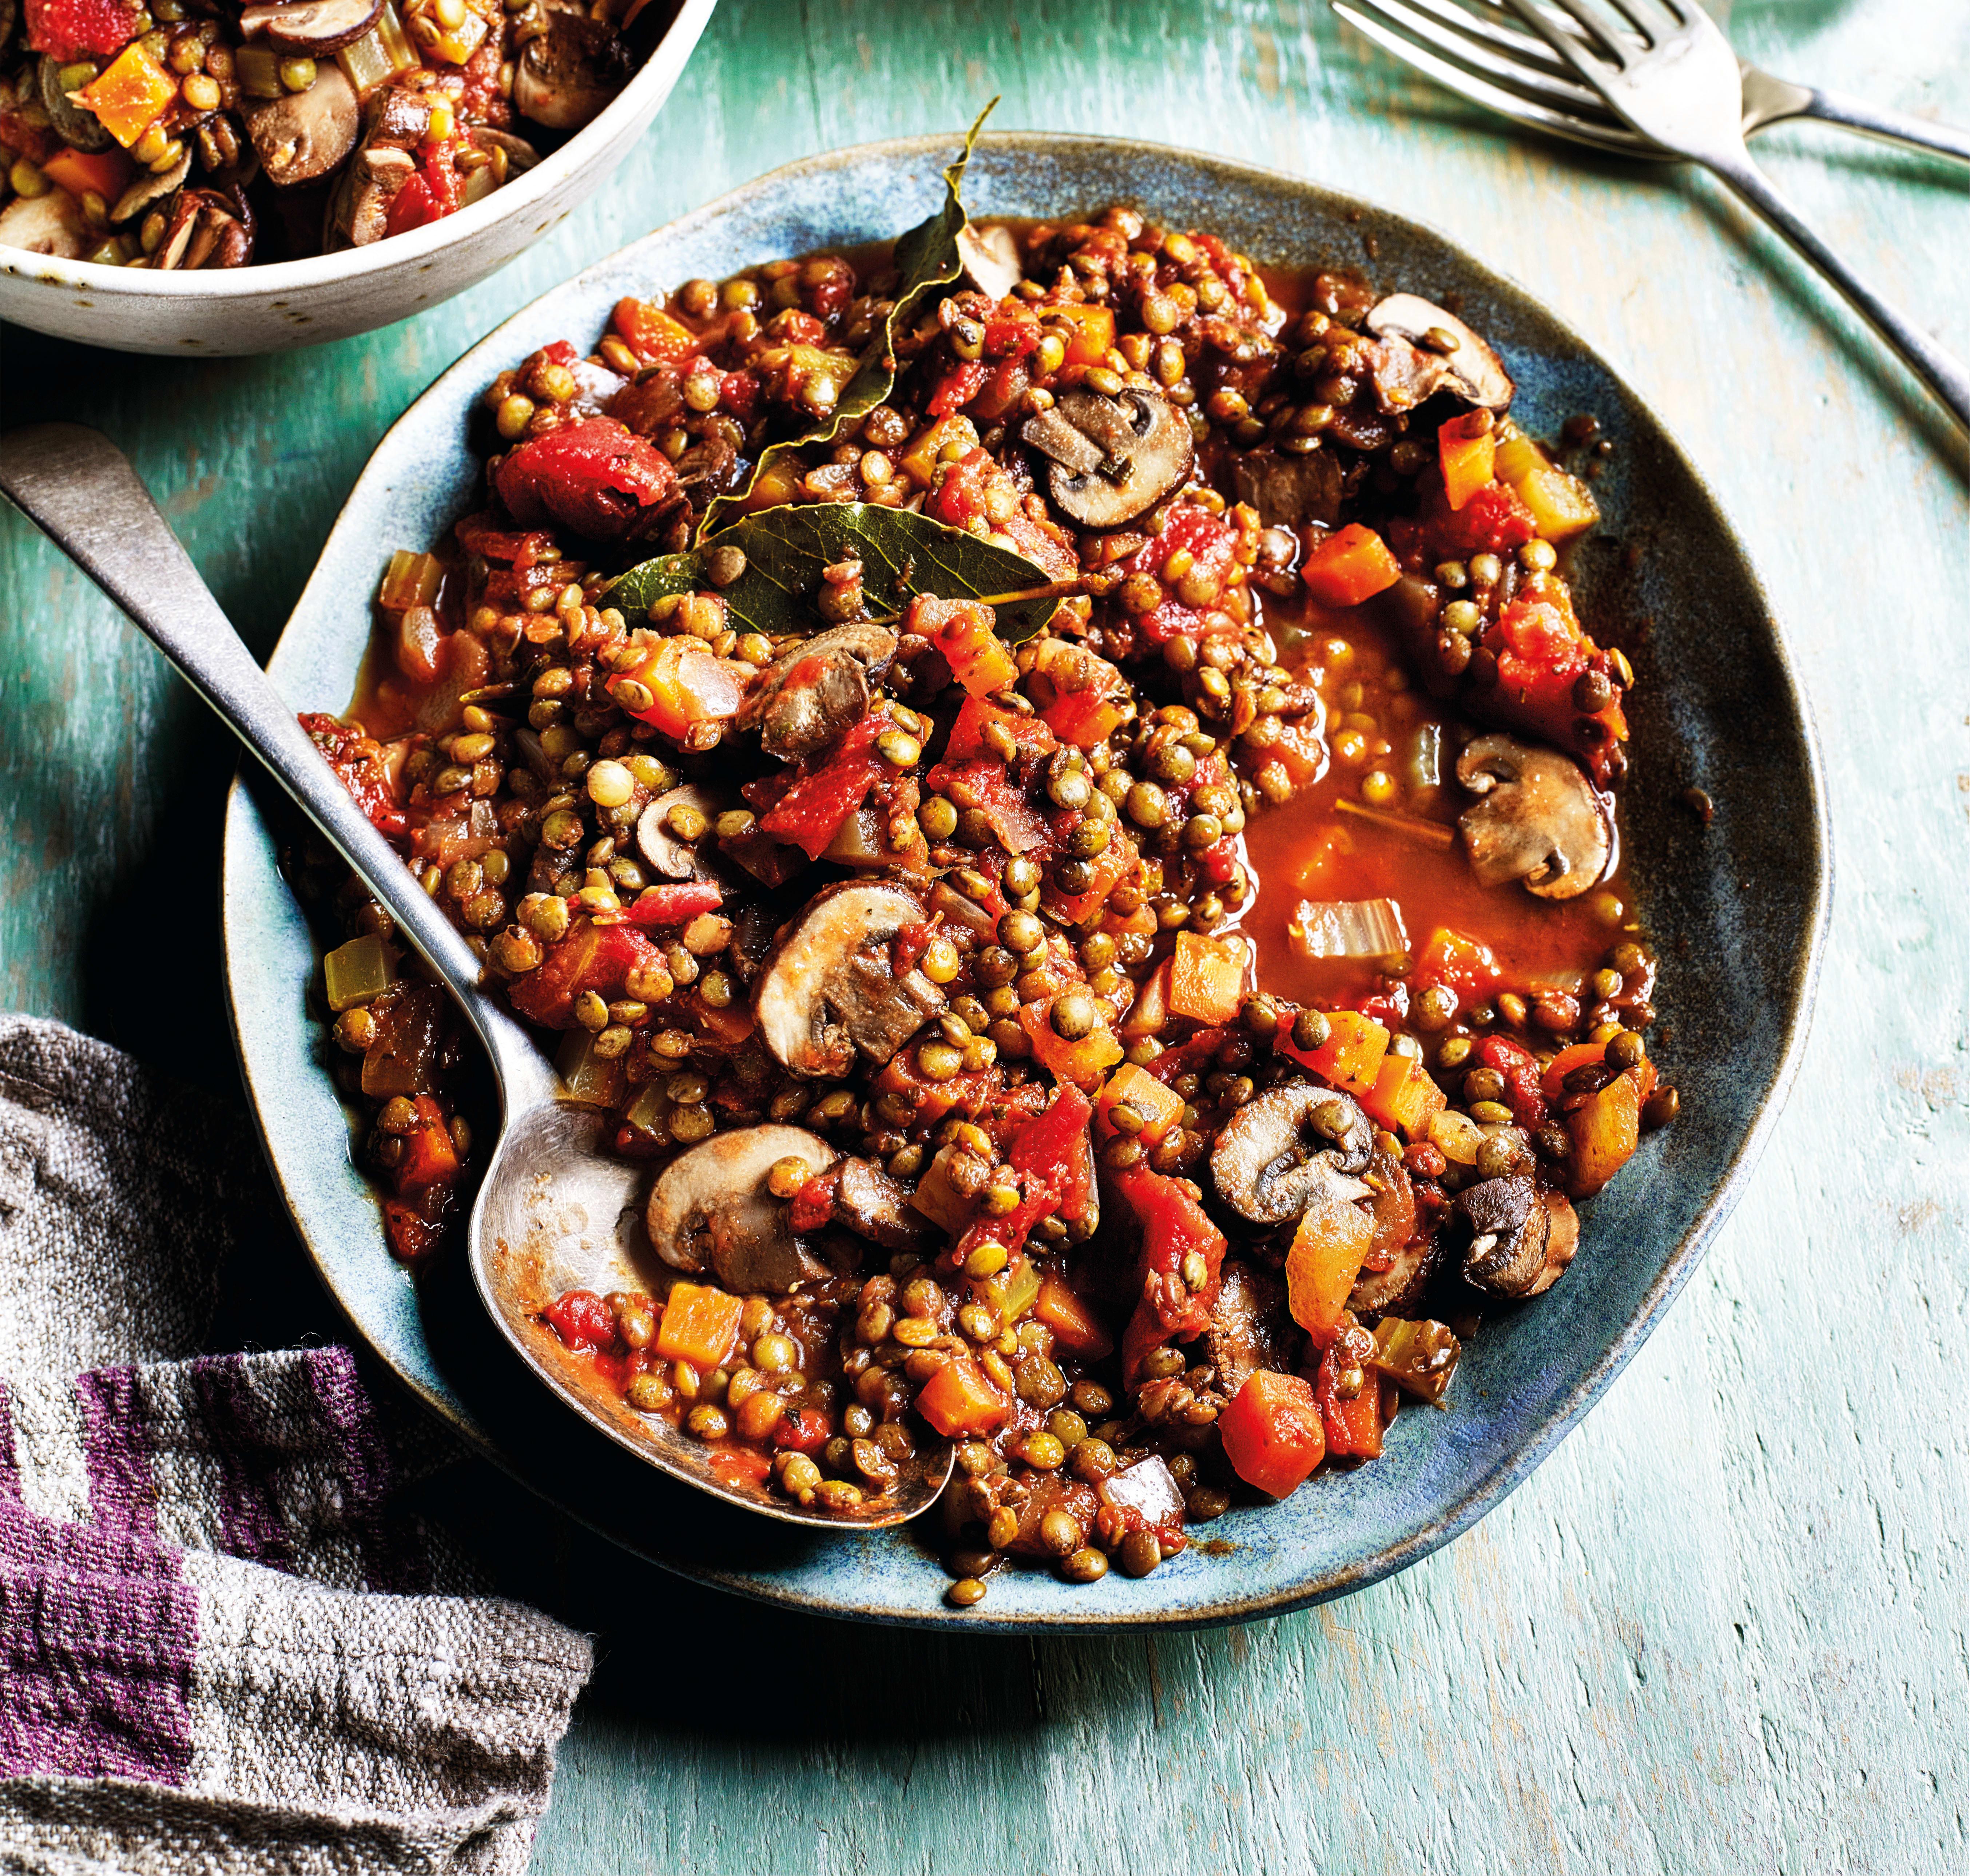 Photo of Mushroom & lentil ragu with spaghetti by WW